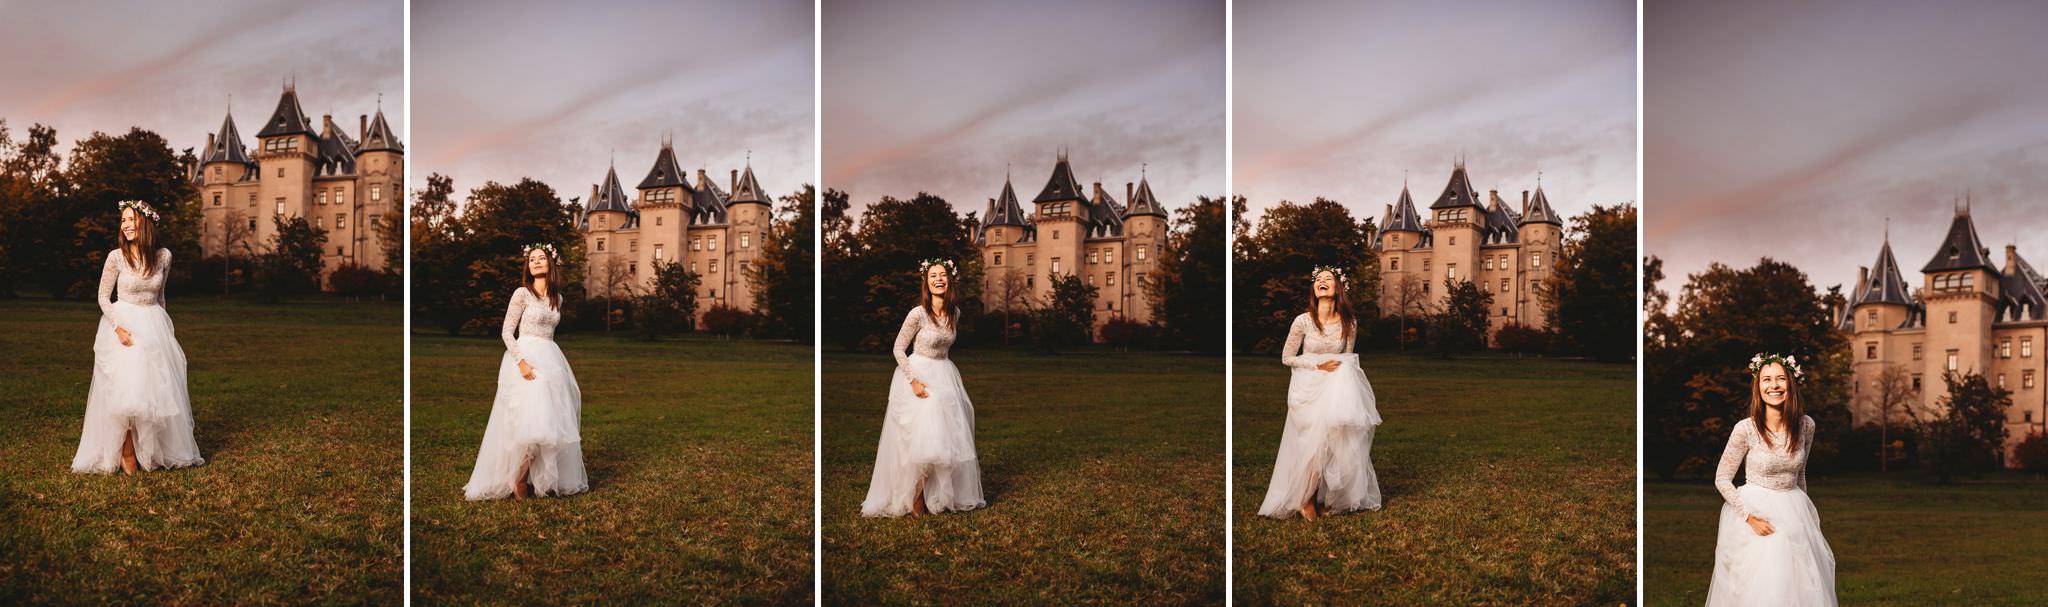 Fantastyczny ślub w stylu rustykalnym, wesele w Kapitańskiej  fotograf ślubny Konin 555